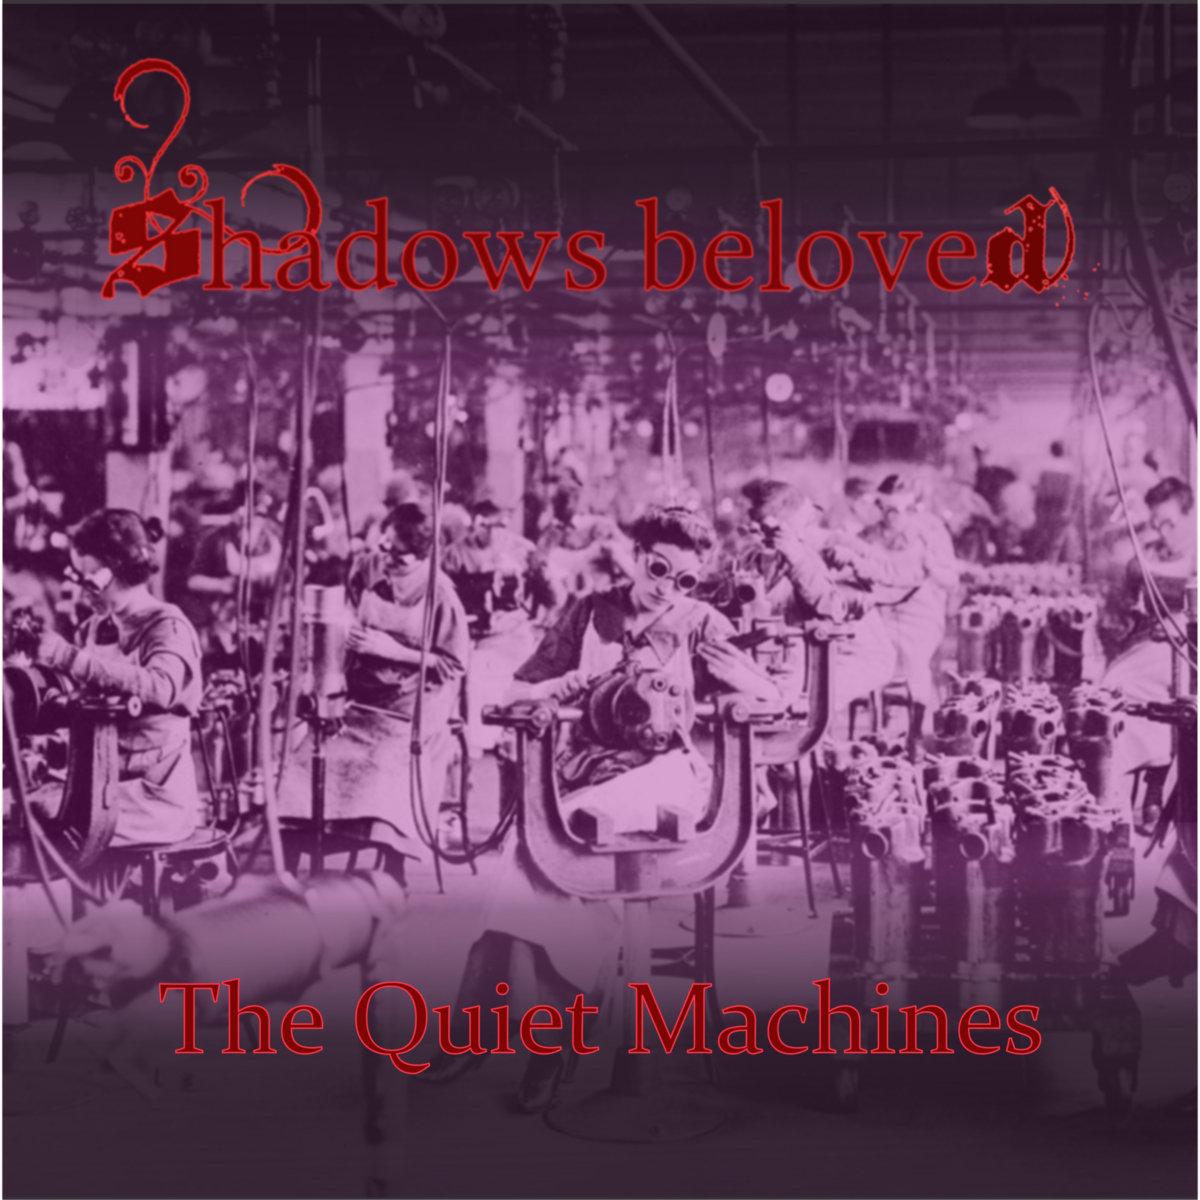 The Quiet Machines Shadows Beloved